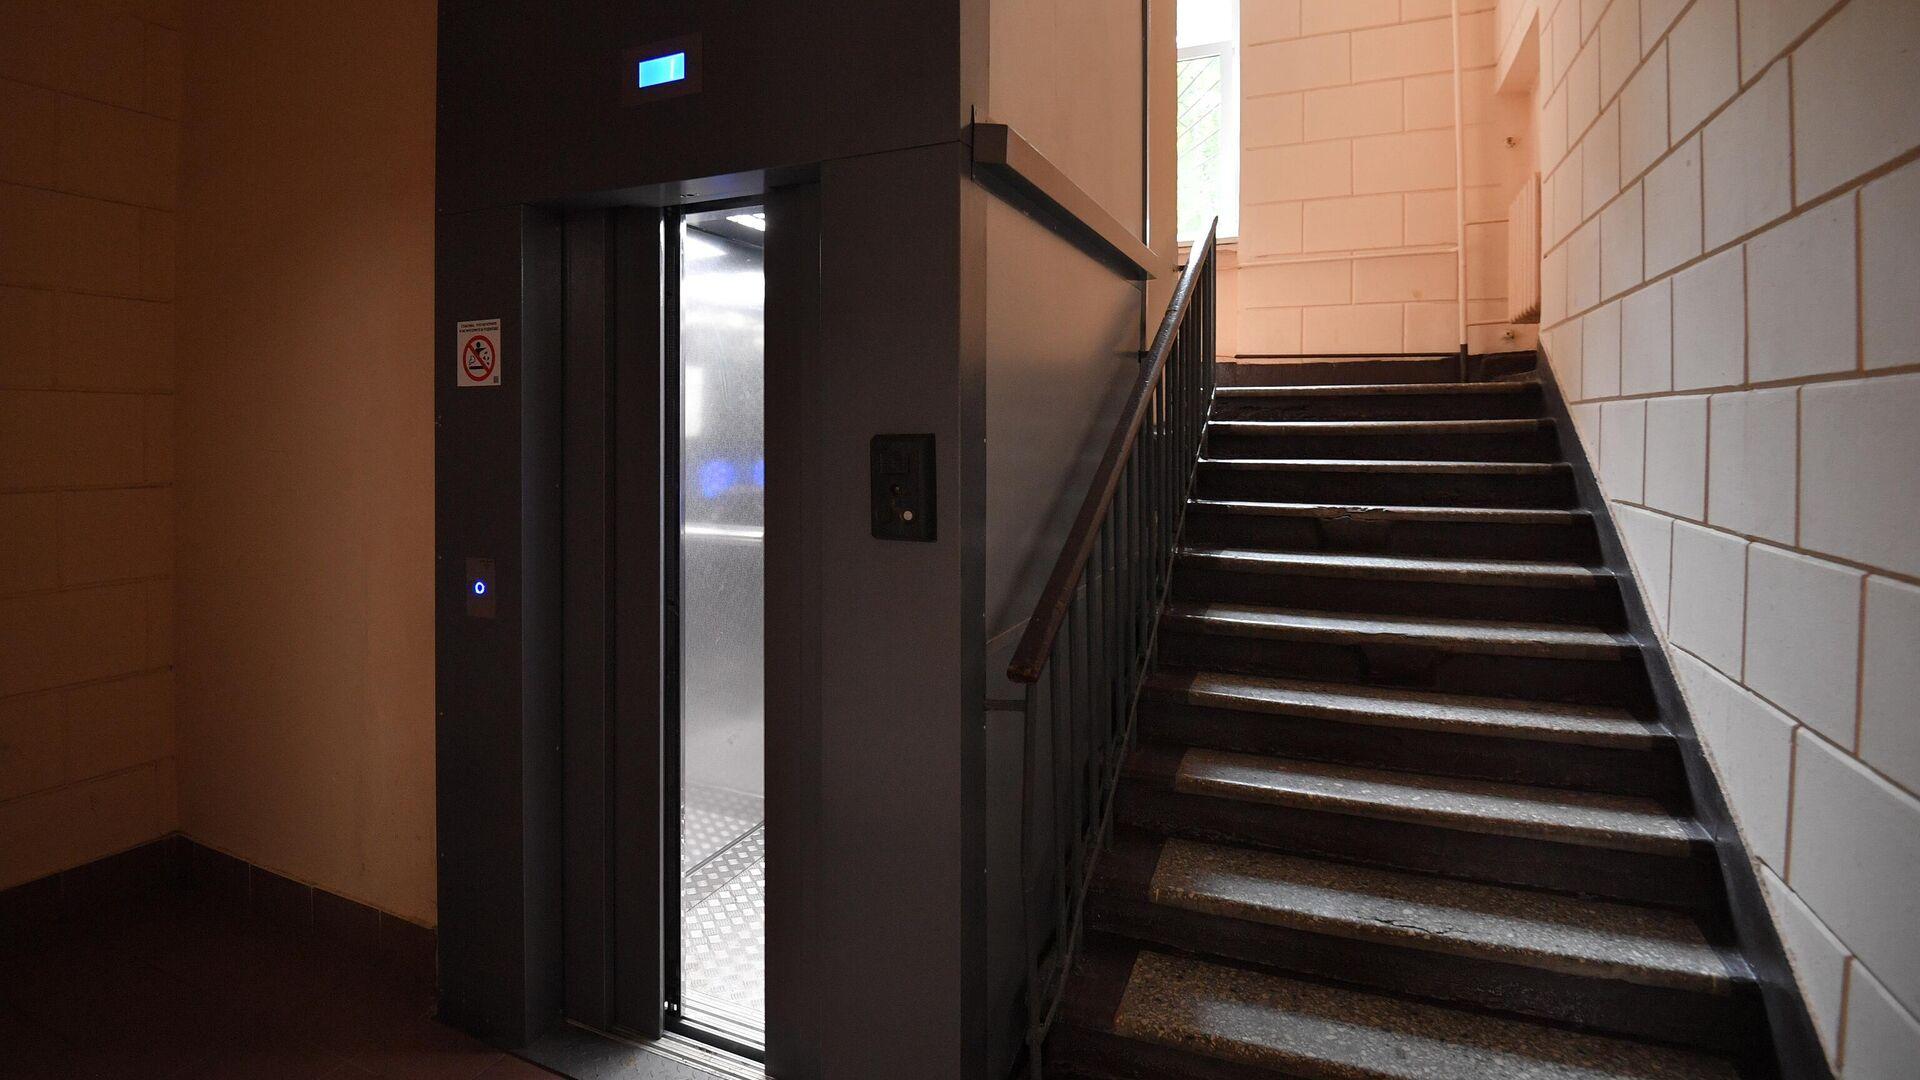 Лифт в подъезде жилого дома в Москве - РИА Новости, 1920, 12.06.2021